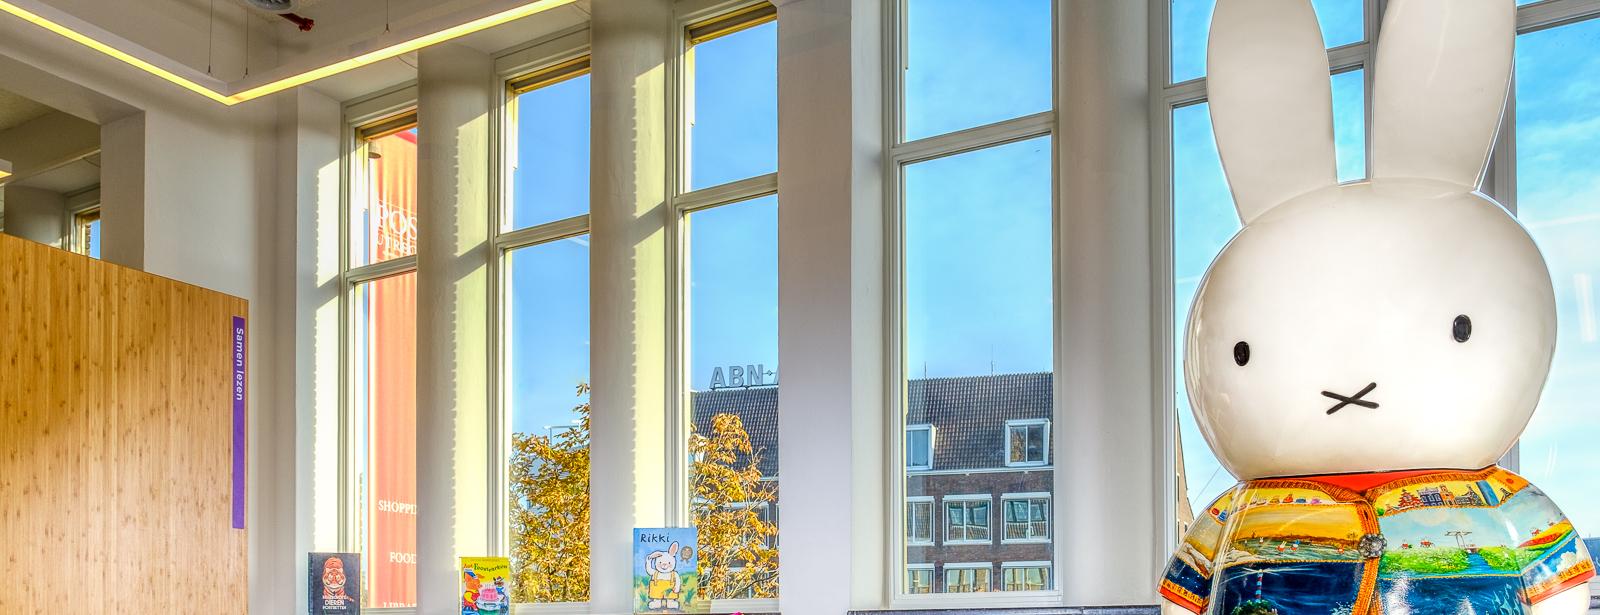 Nijntje Ontdek Utrecht ©Jelle Verhoeks